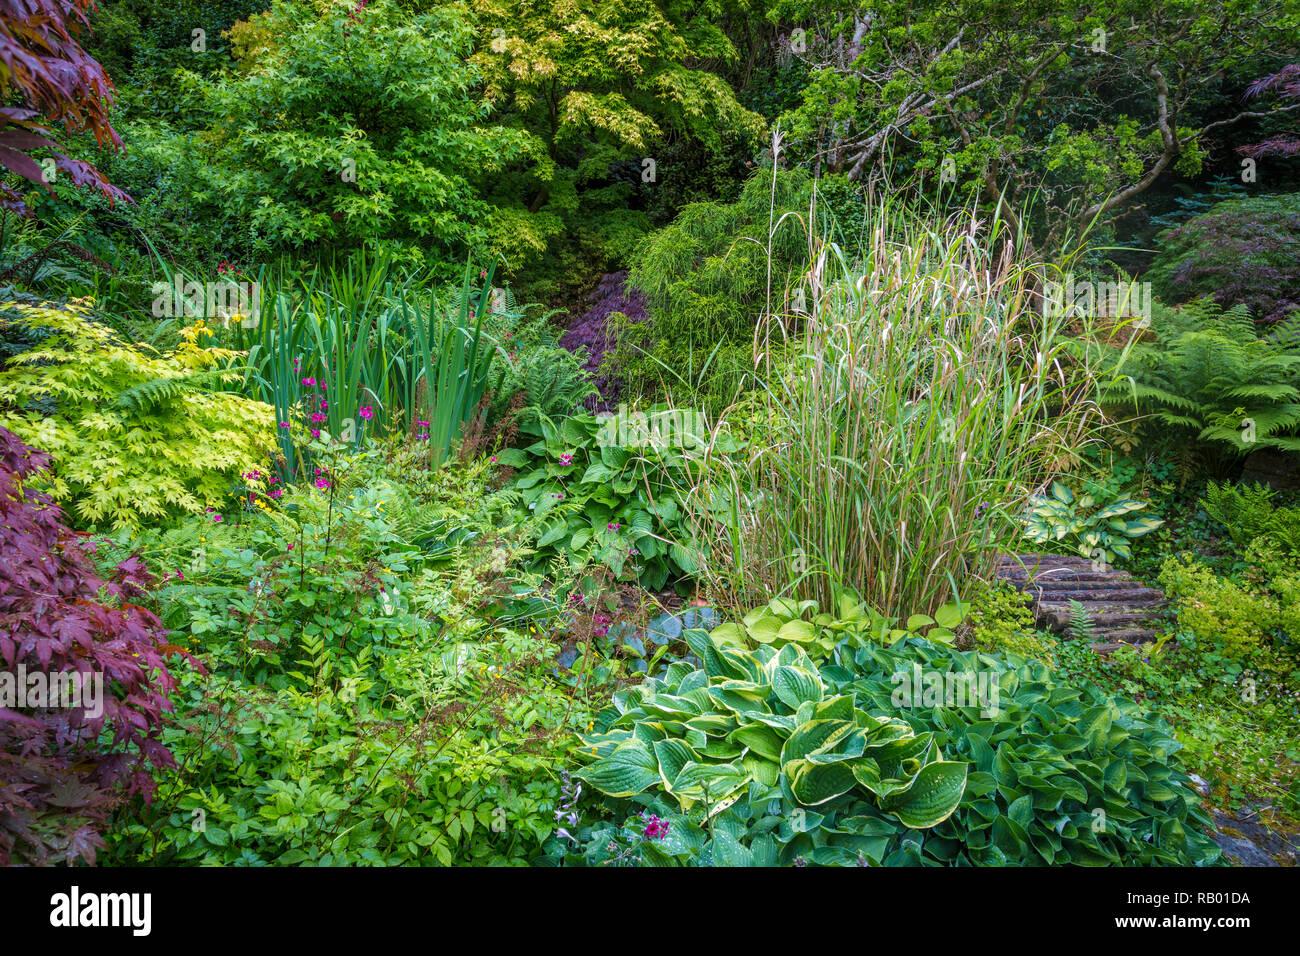 Natur in einem privaten Garten - Stock Image